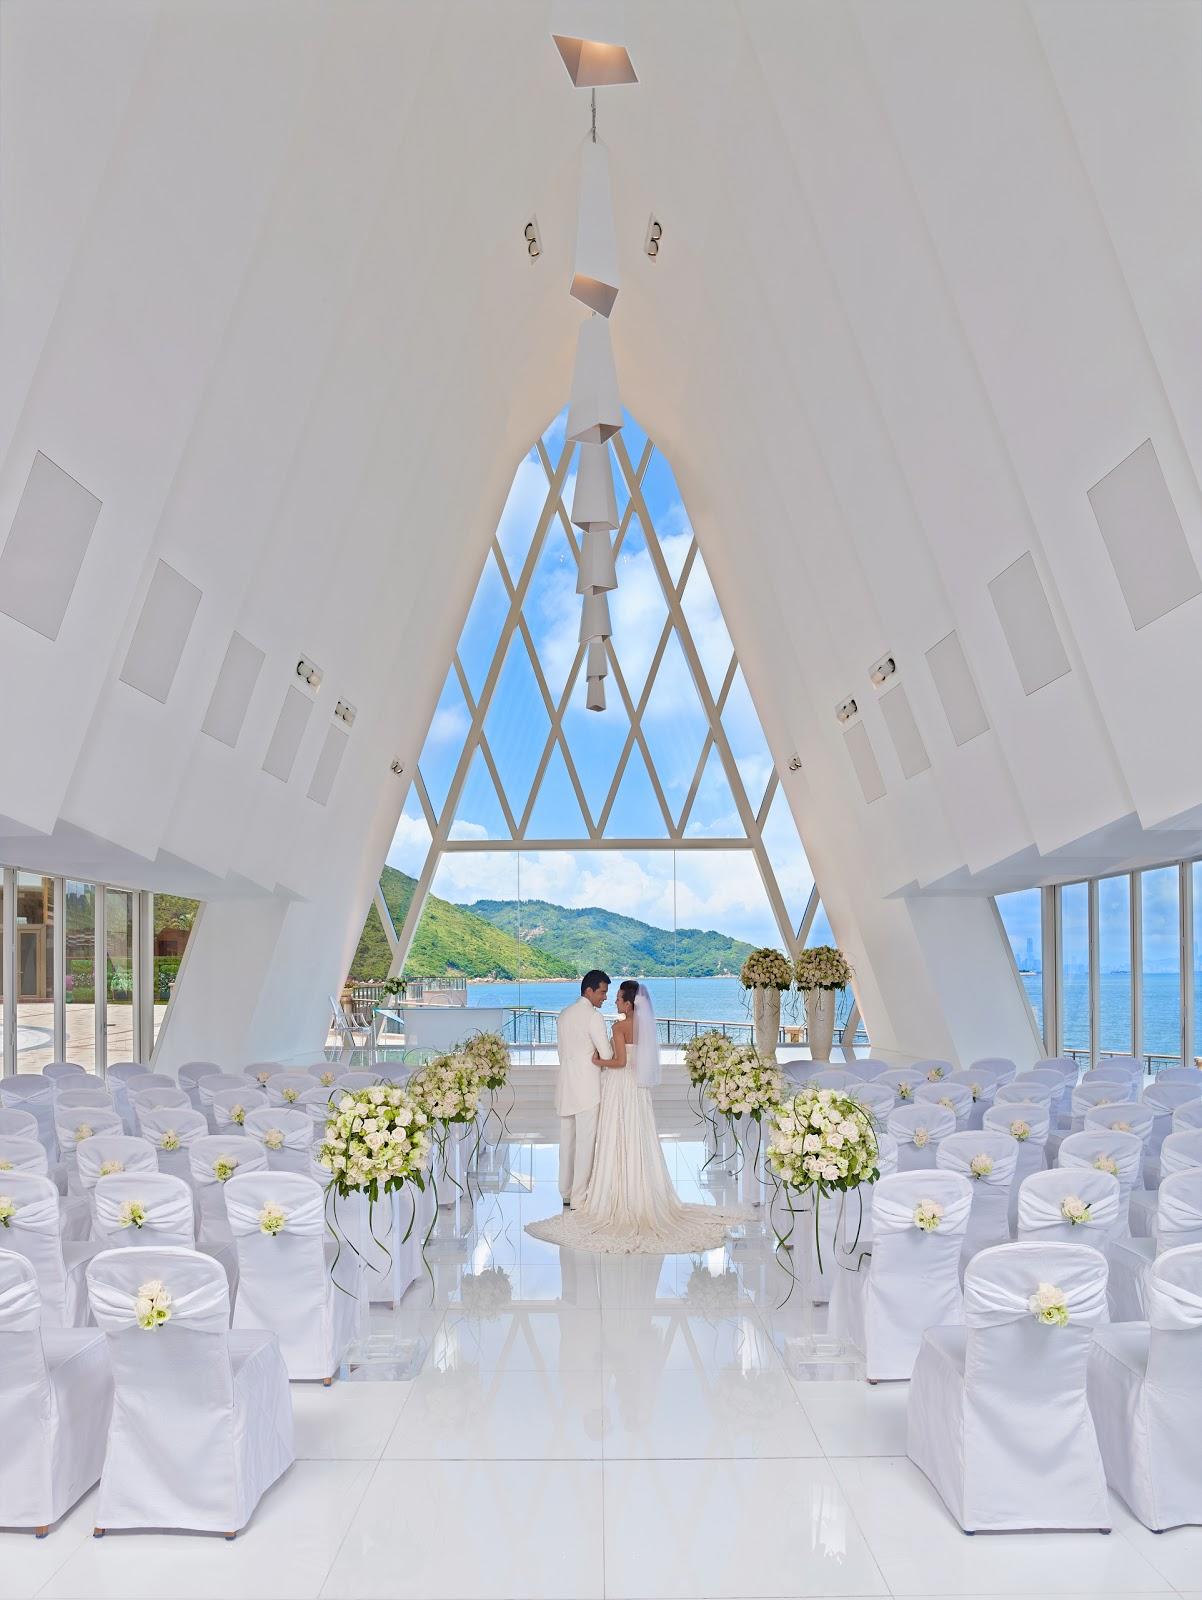 國皇的婚禮: 香港愉景灣酒店 (海濱白教堂結婚場地資料/Kids club)